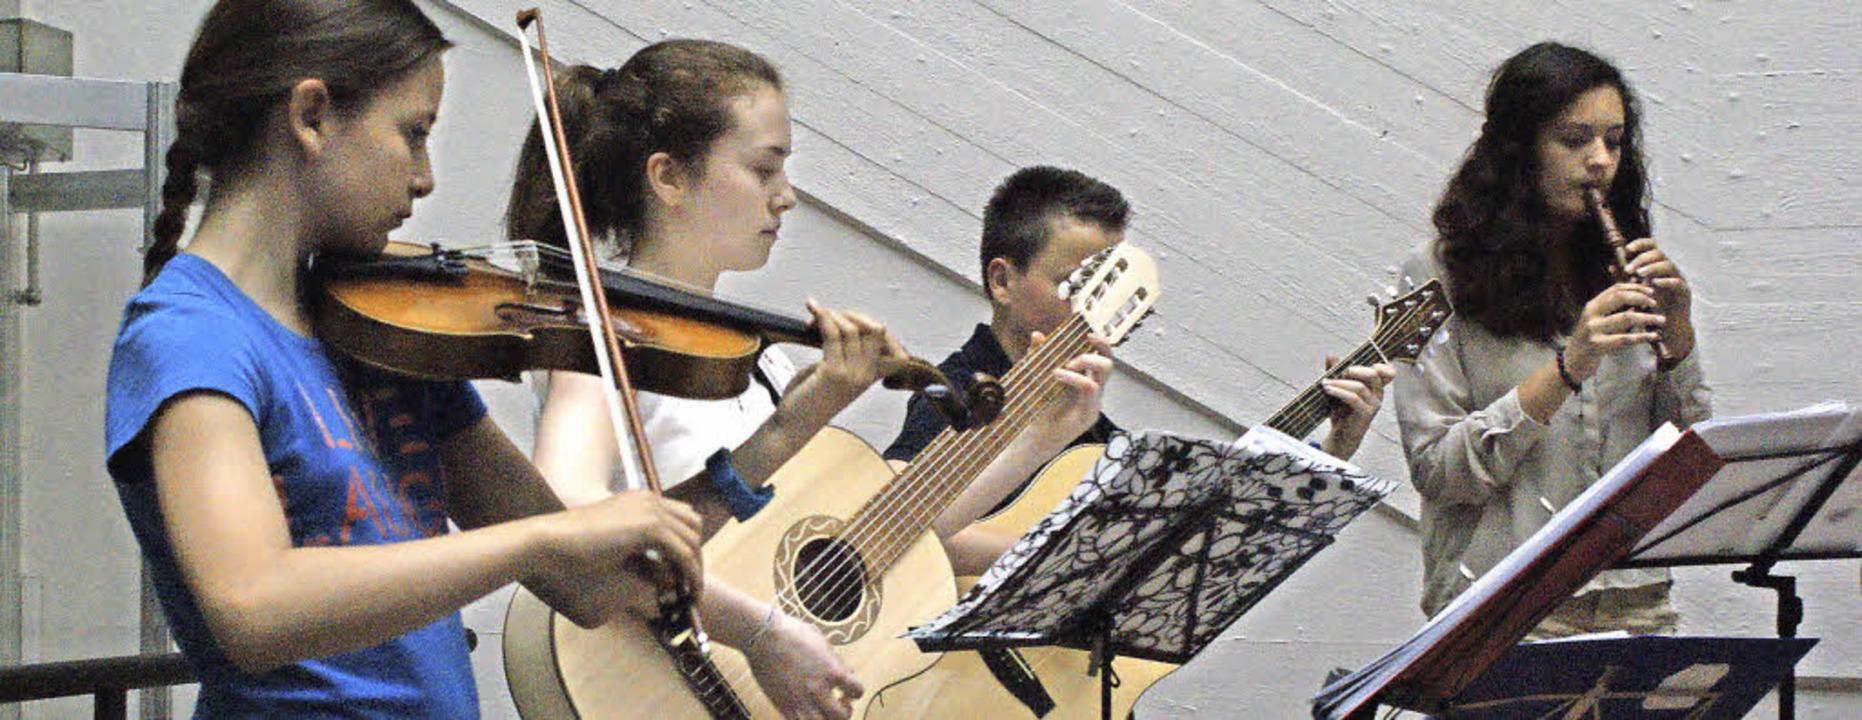 Die Schüler erfreuen mit einem bunten musikalischen Programm.     Foto: Chris Rütschlin